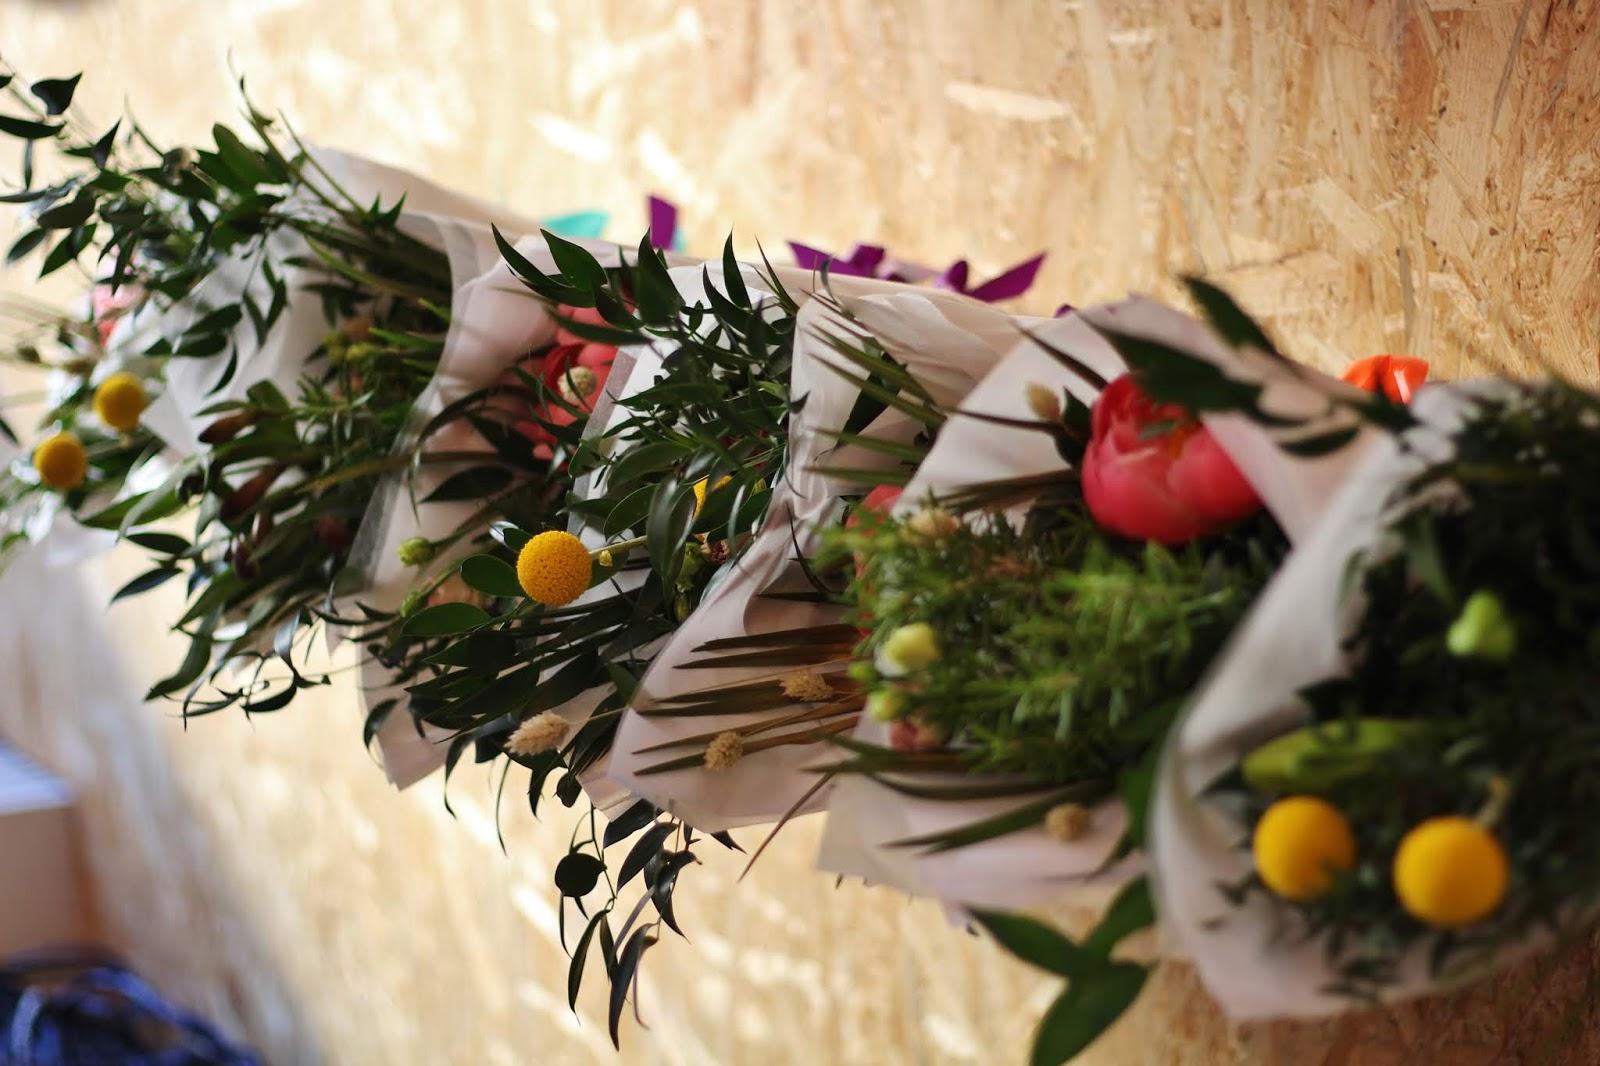 Turkulainen floristi Arteflos tarjosi bloggaajille todella kauniit leikkokukkakimput